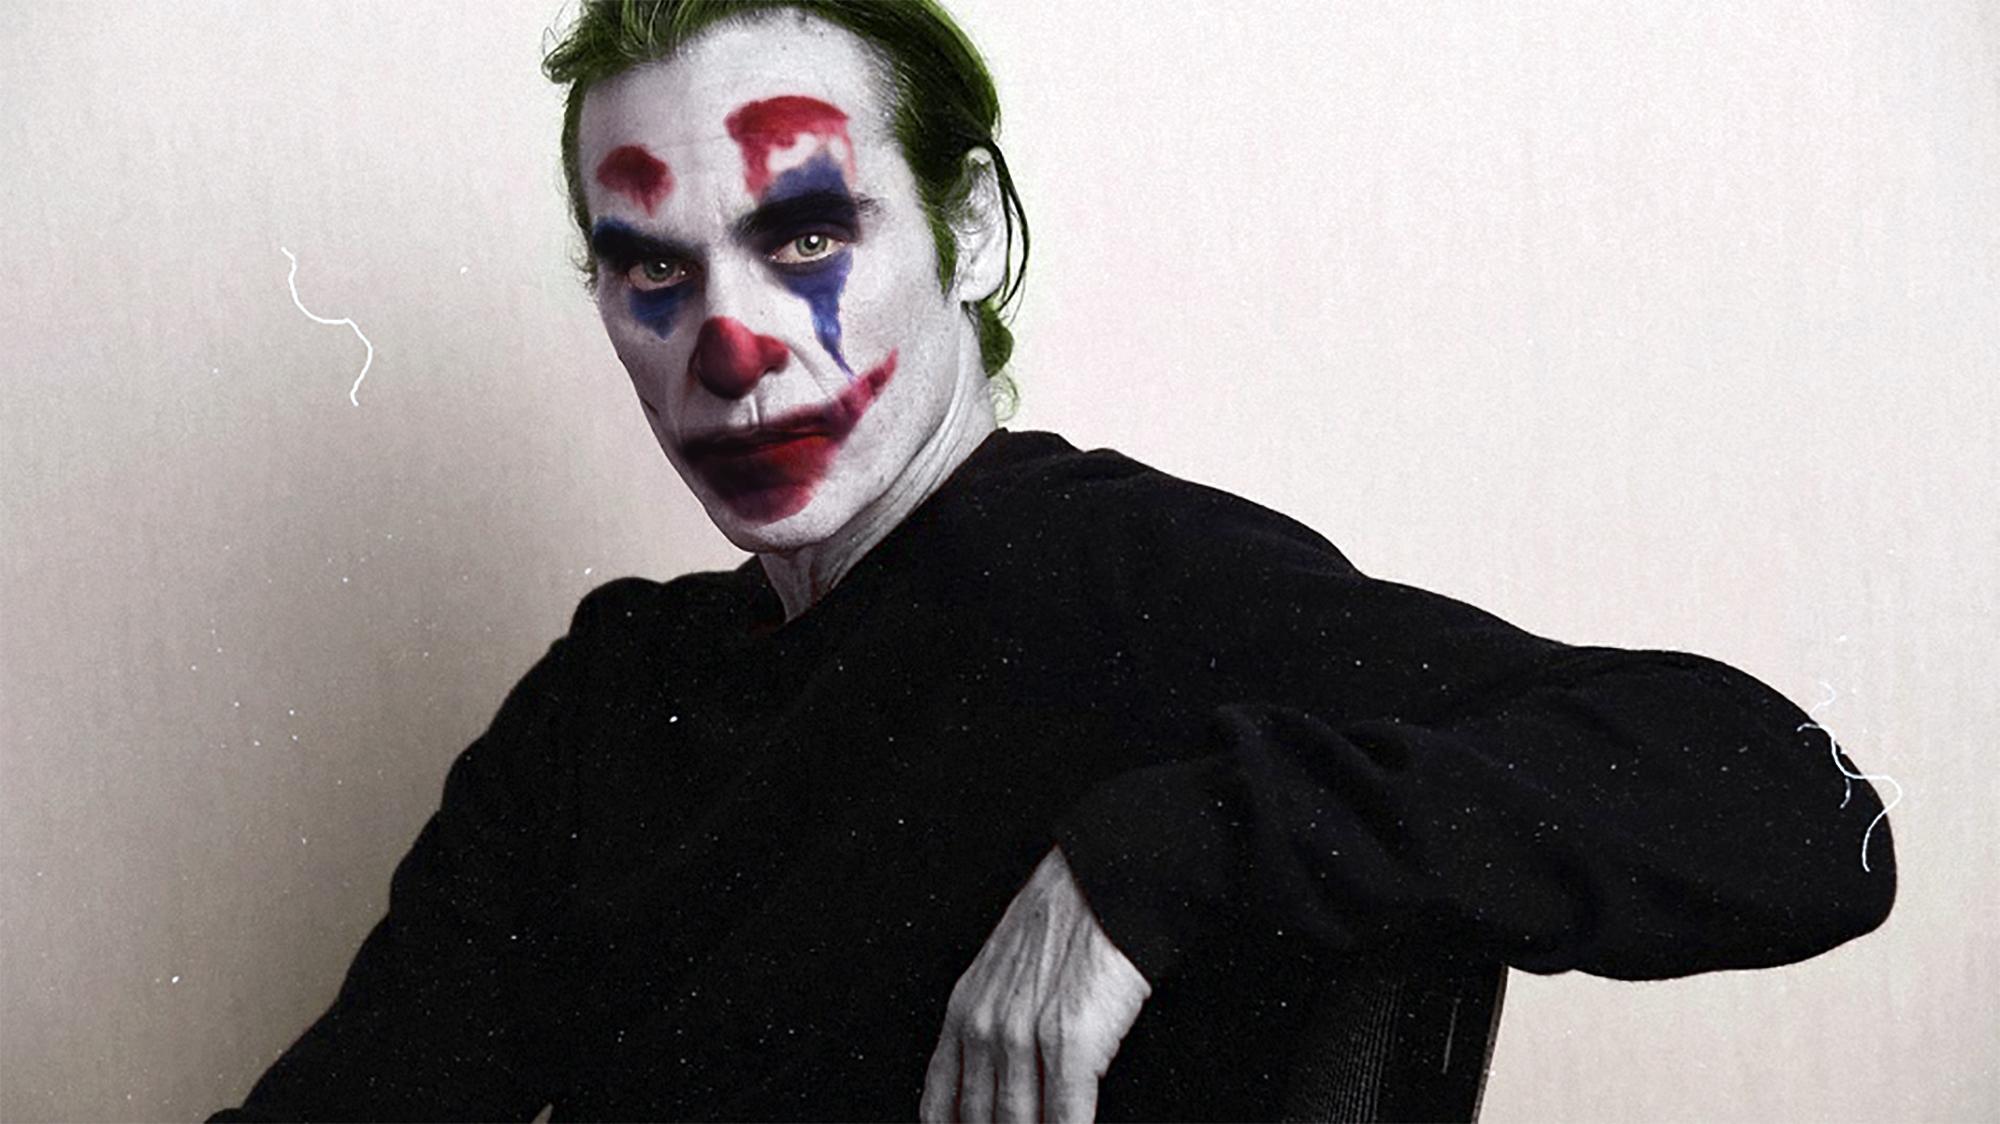 Tại sao phim gốc độc lập như 'Joker' sẽ là xu thế mới bên cạnh vũ trụ siêu anh hùng?